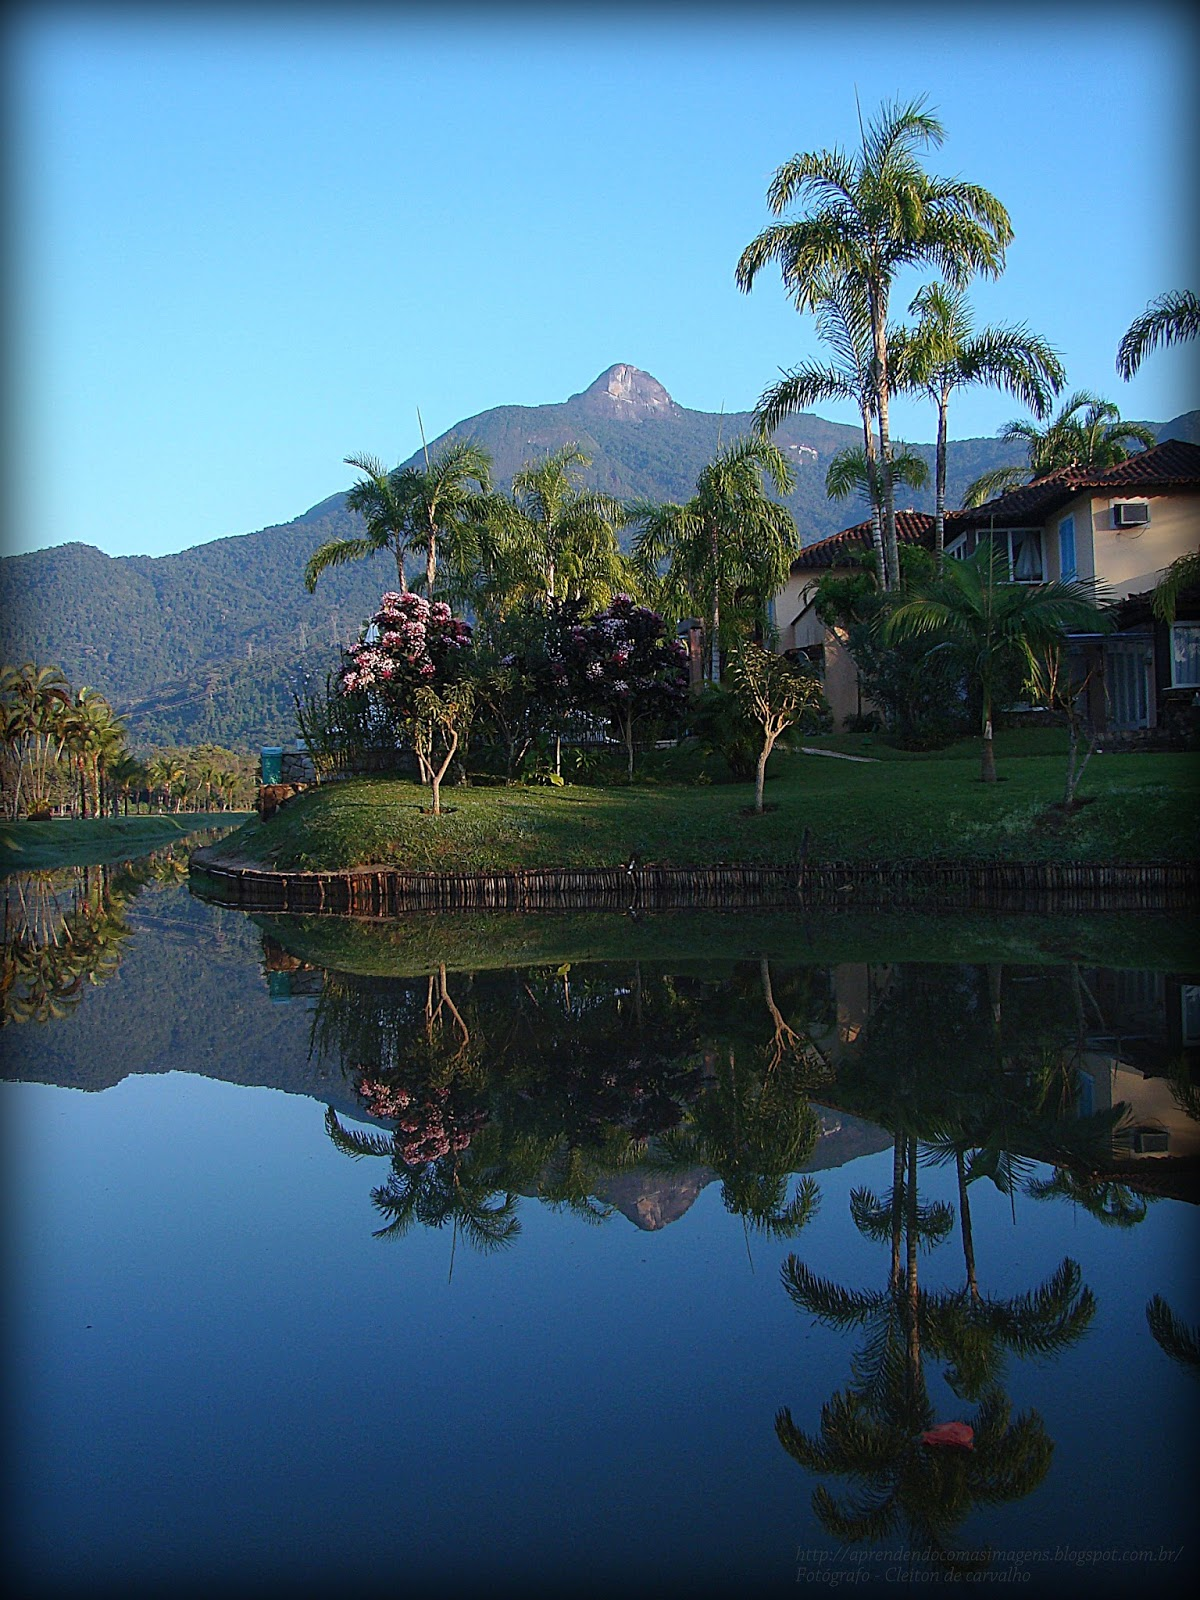 http://aprendendocomasimagens.blogspot.com.br/ - Um pedacinho de cada parte de Angra dos Reis Refletida em suas águas...